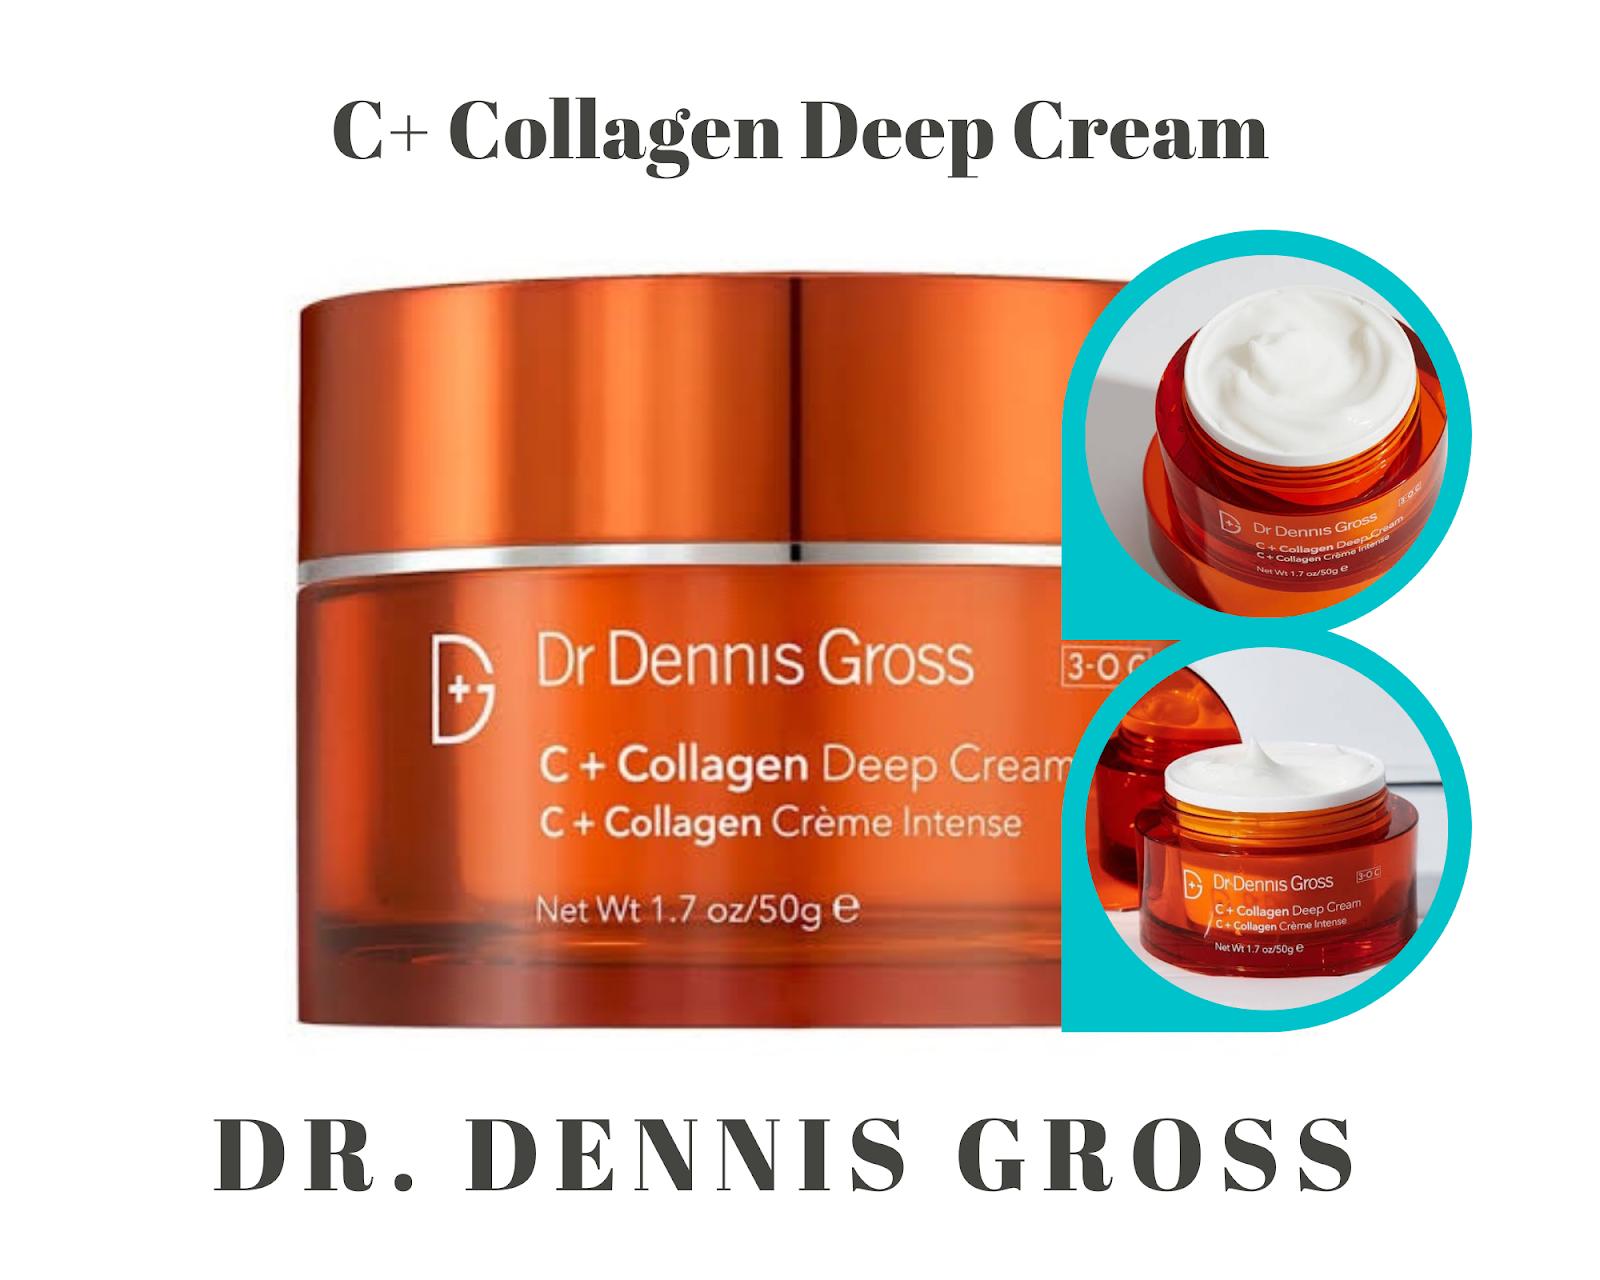 7. Dr. Dennis Gross C+ Collagen Deep Cream